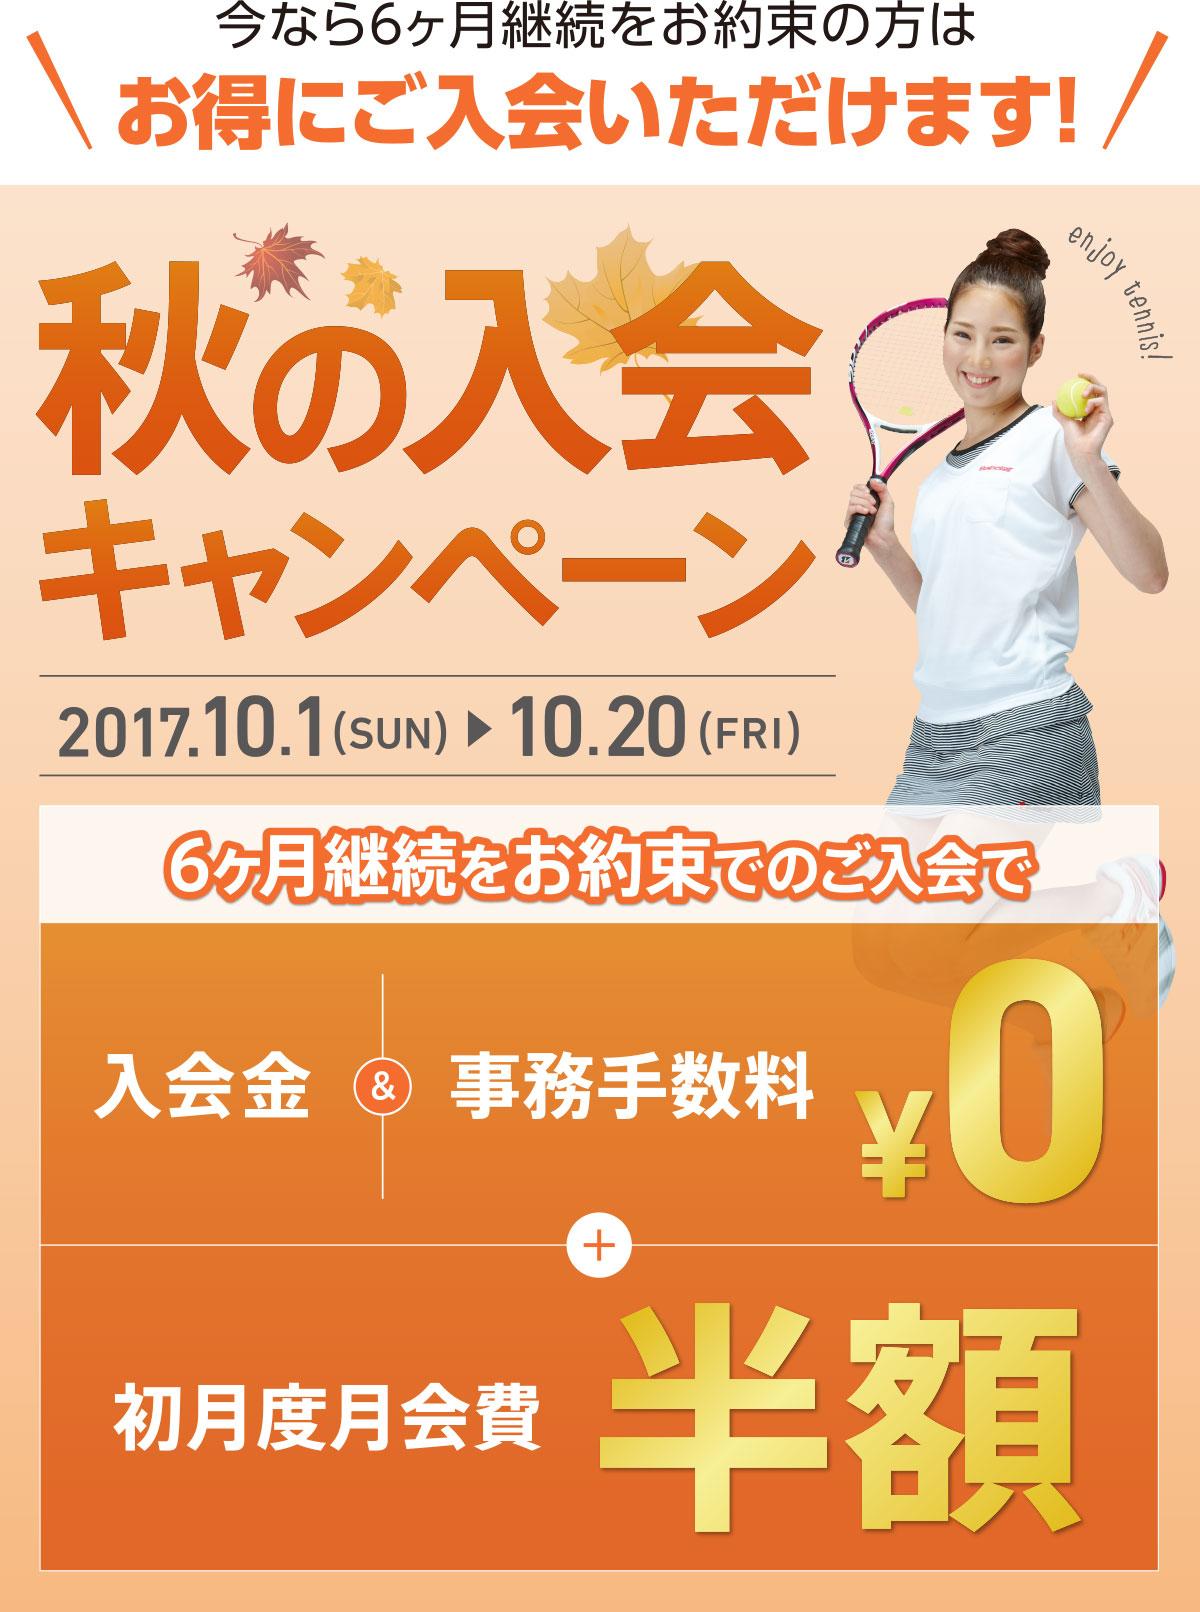 201710-campaign-01